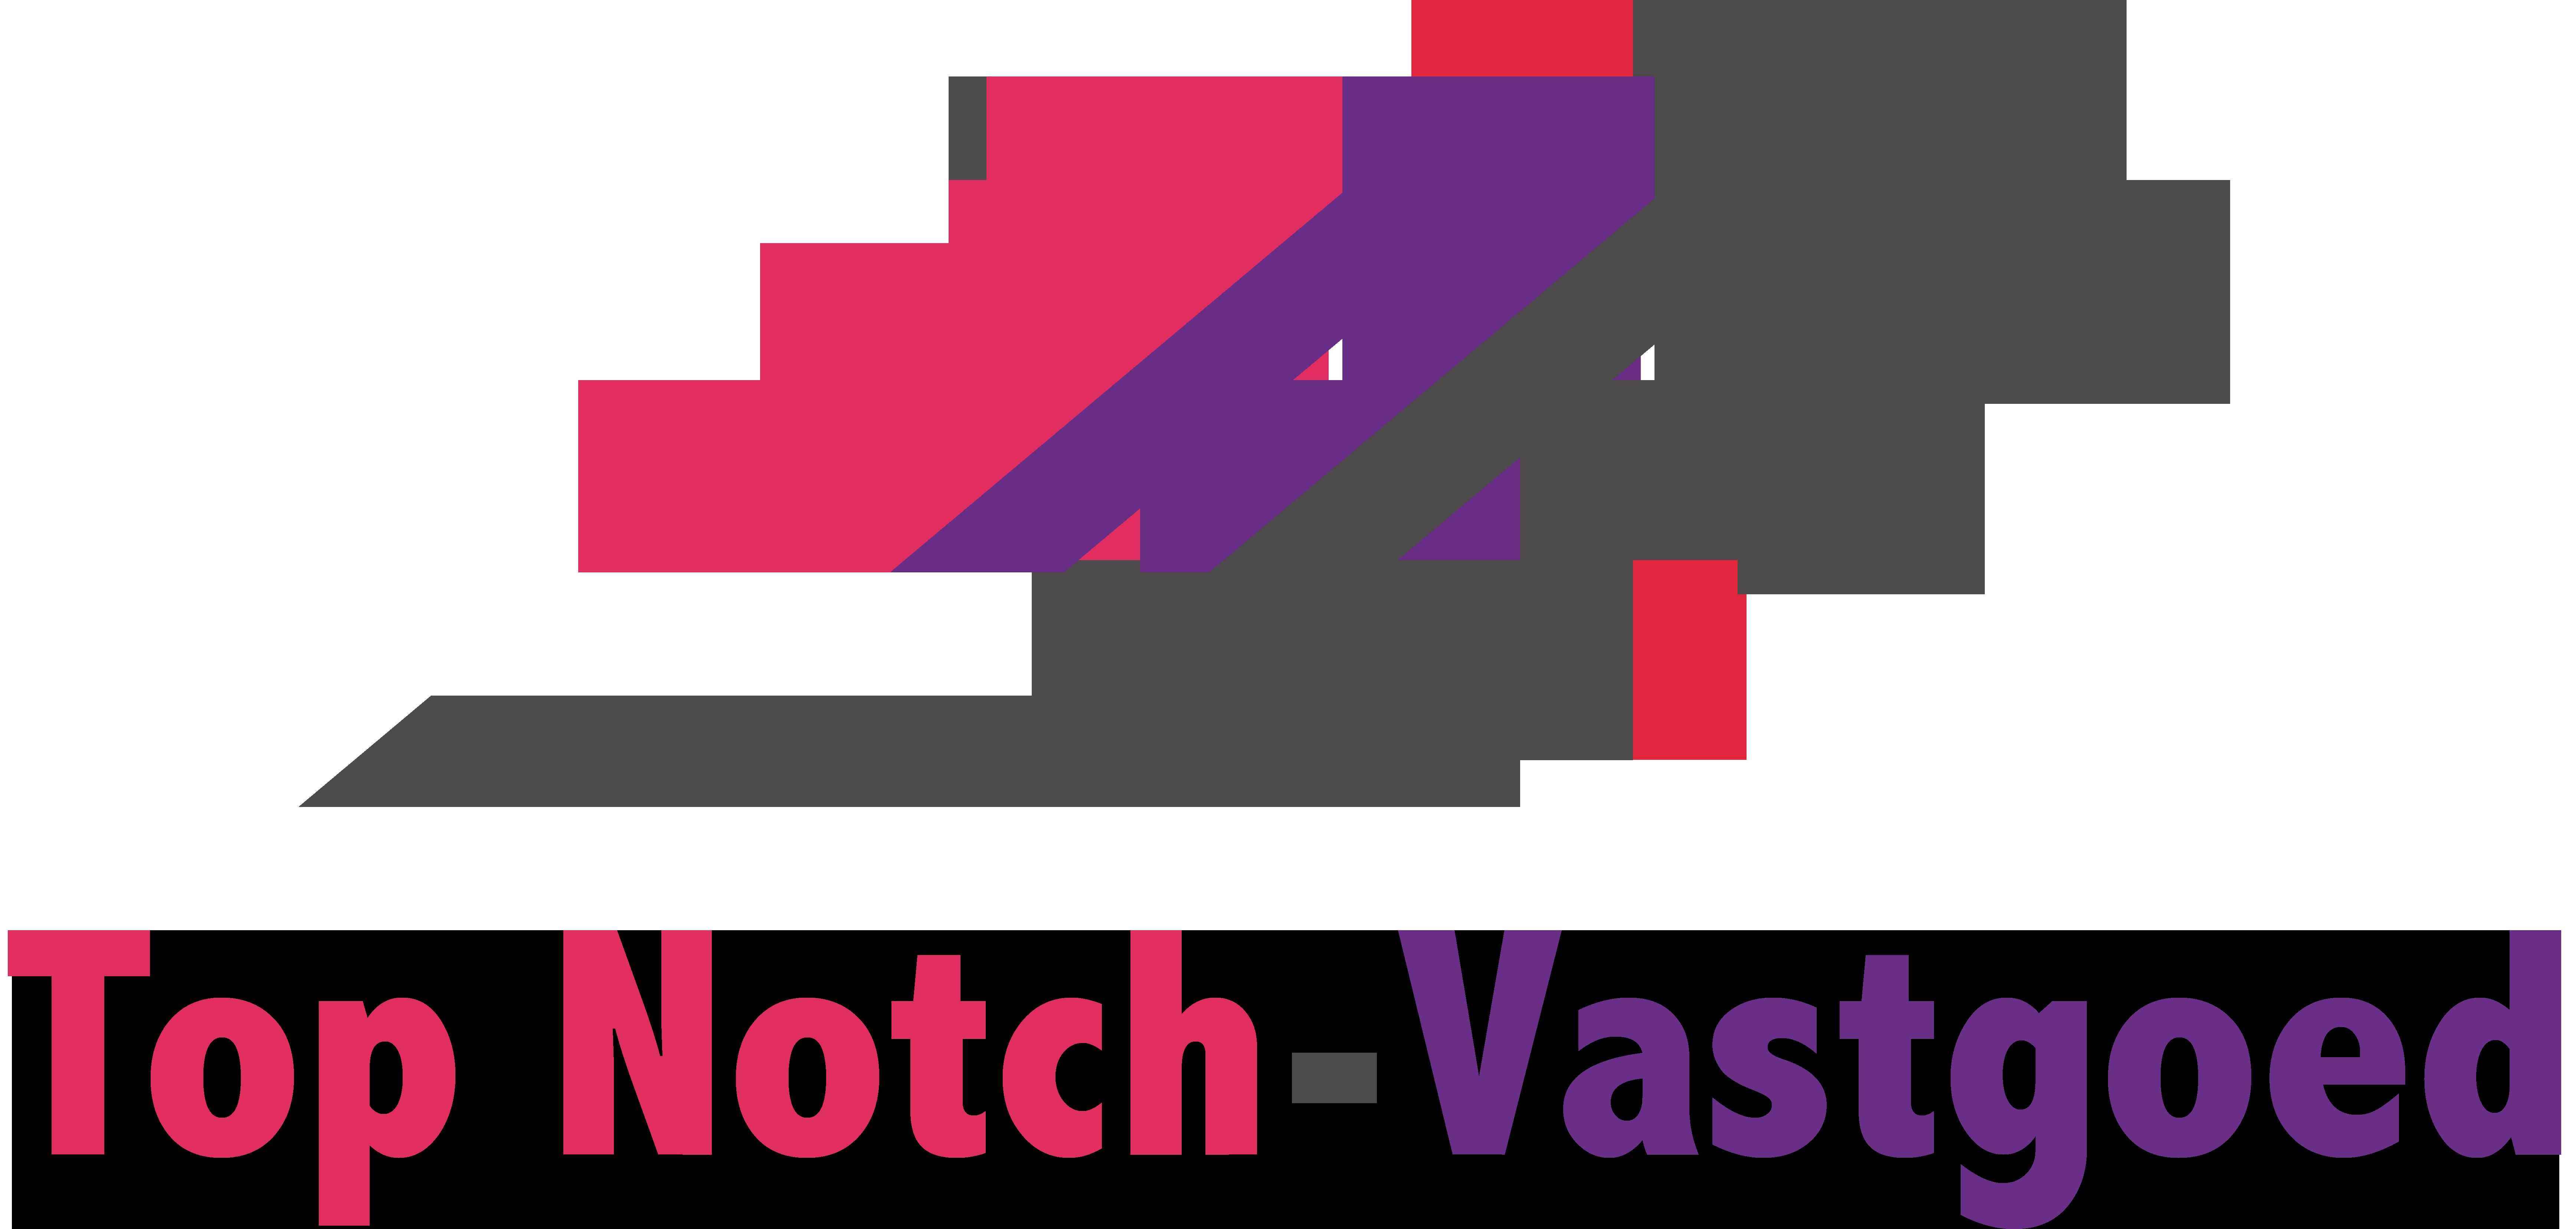 Top Notch-Vastgoed logo